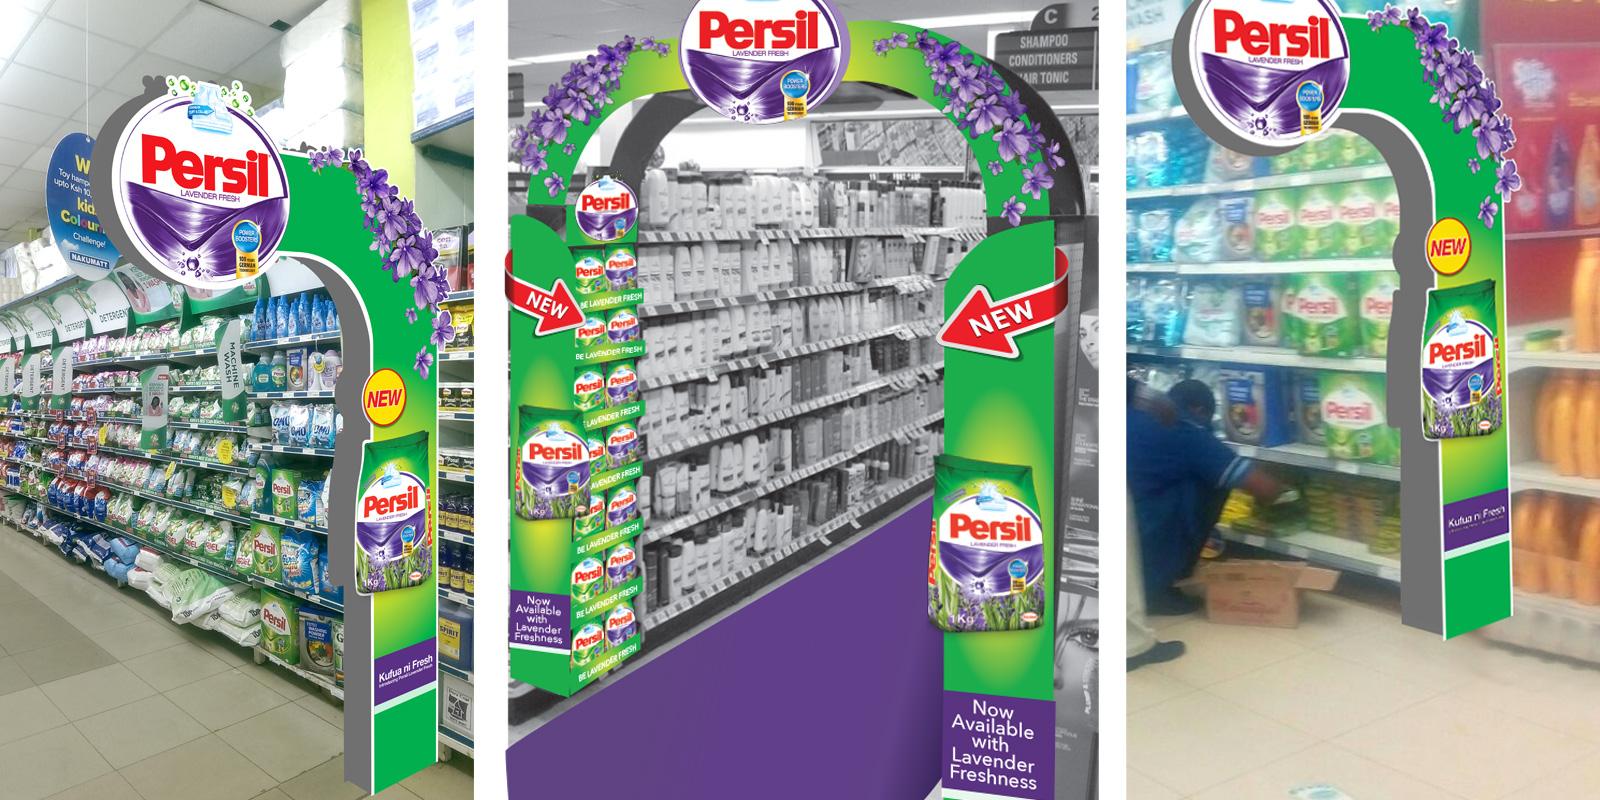 4-persil-lavender-instore-branding